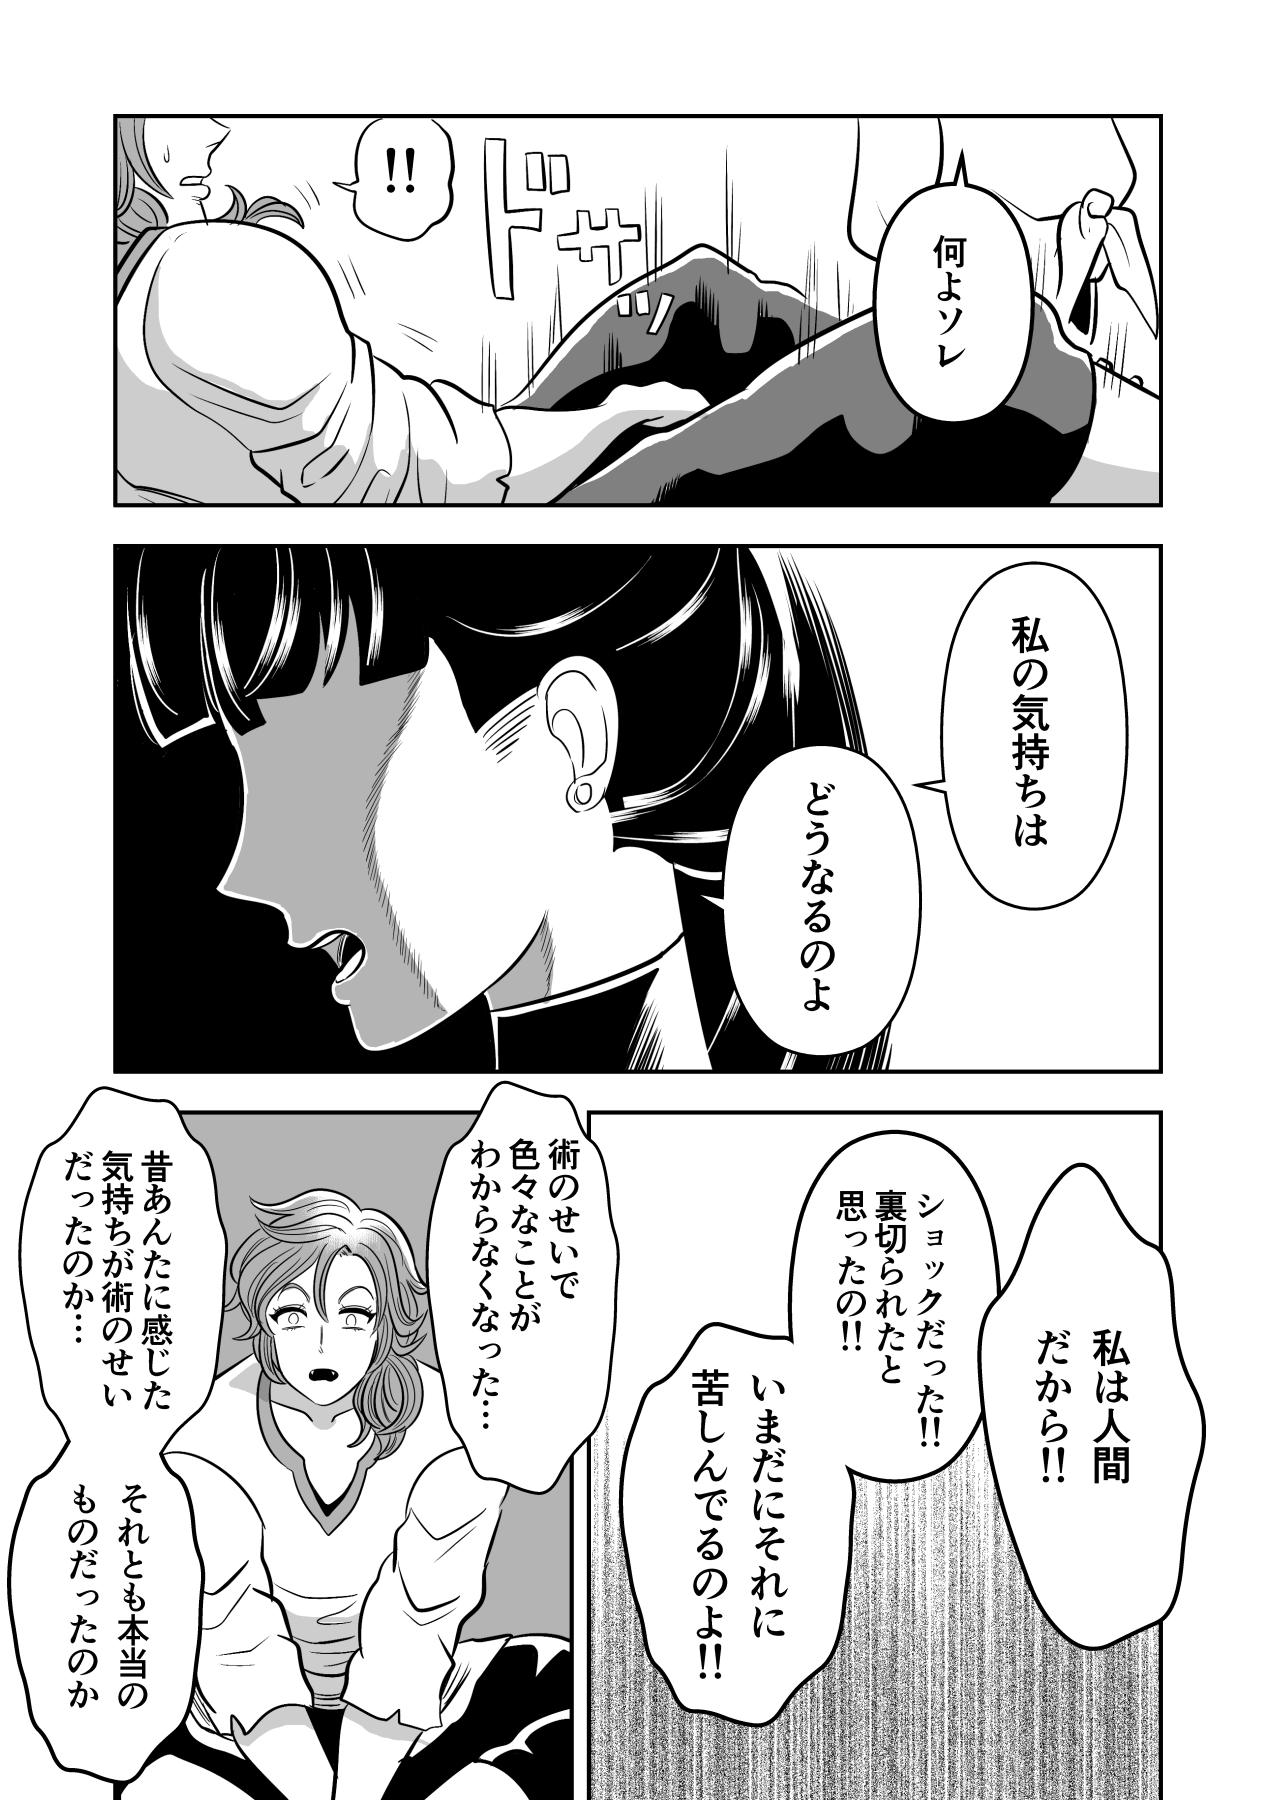 ヤサグレ魔女と第1王子と吸血鬼⑨ (12)-min